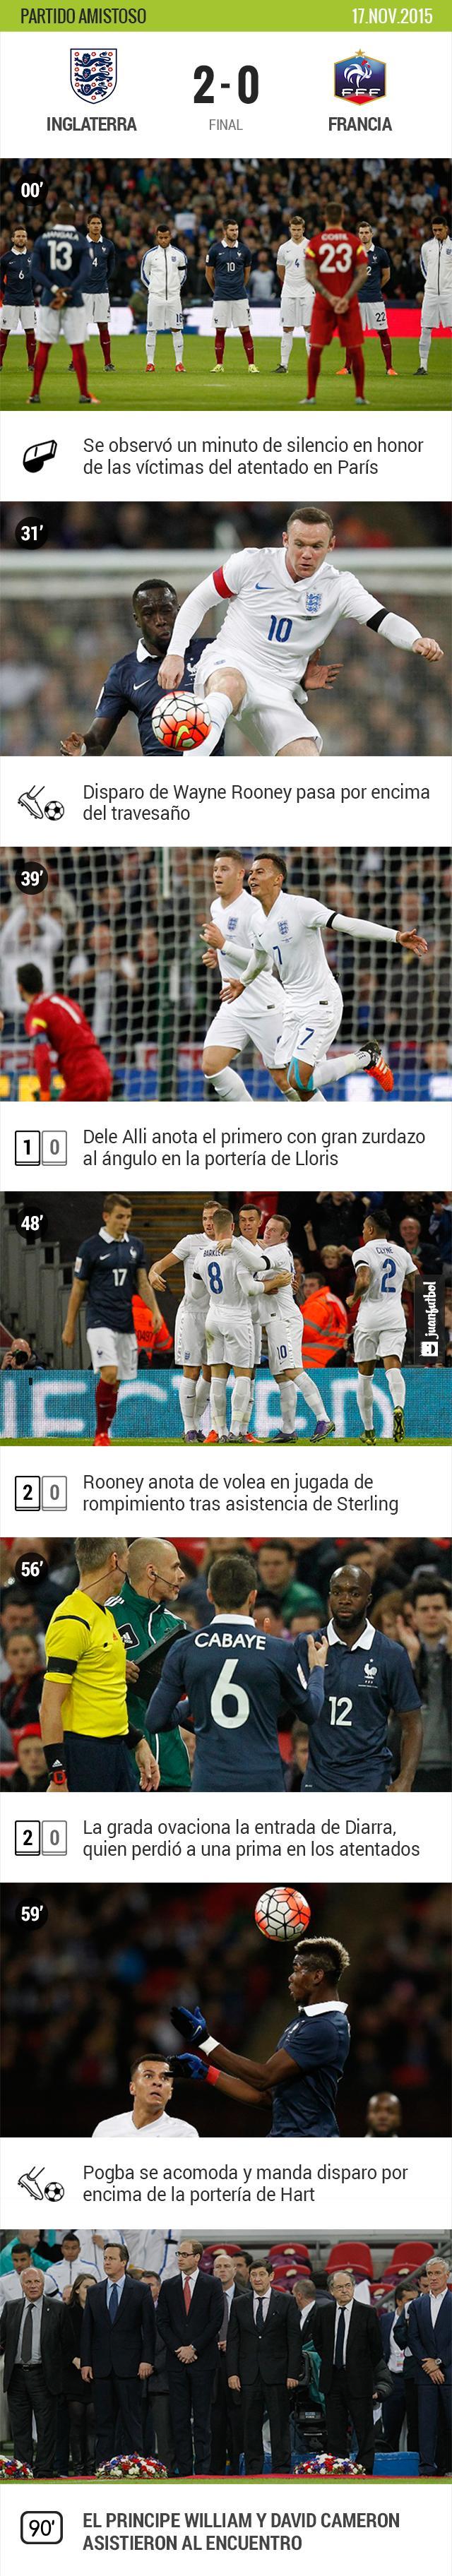 Inglaterra gana a Francia 2-0 en amistoso jugado en Wembley